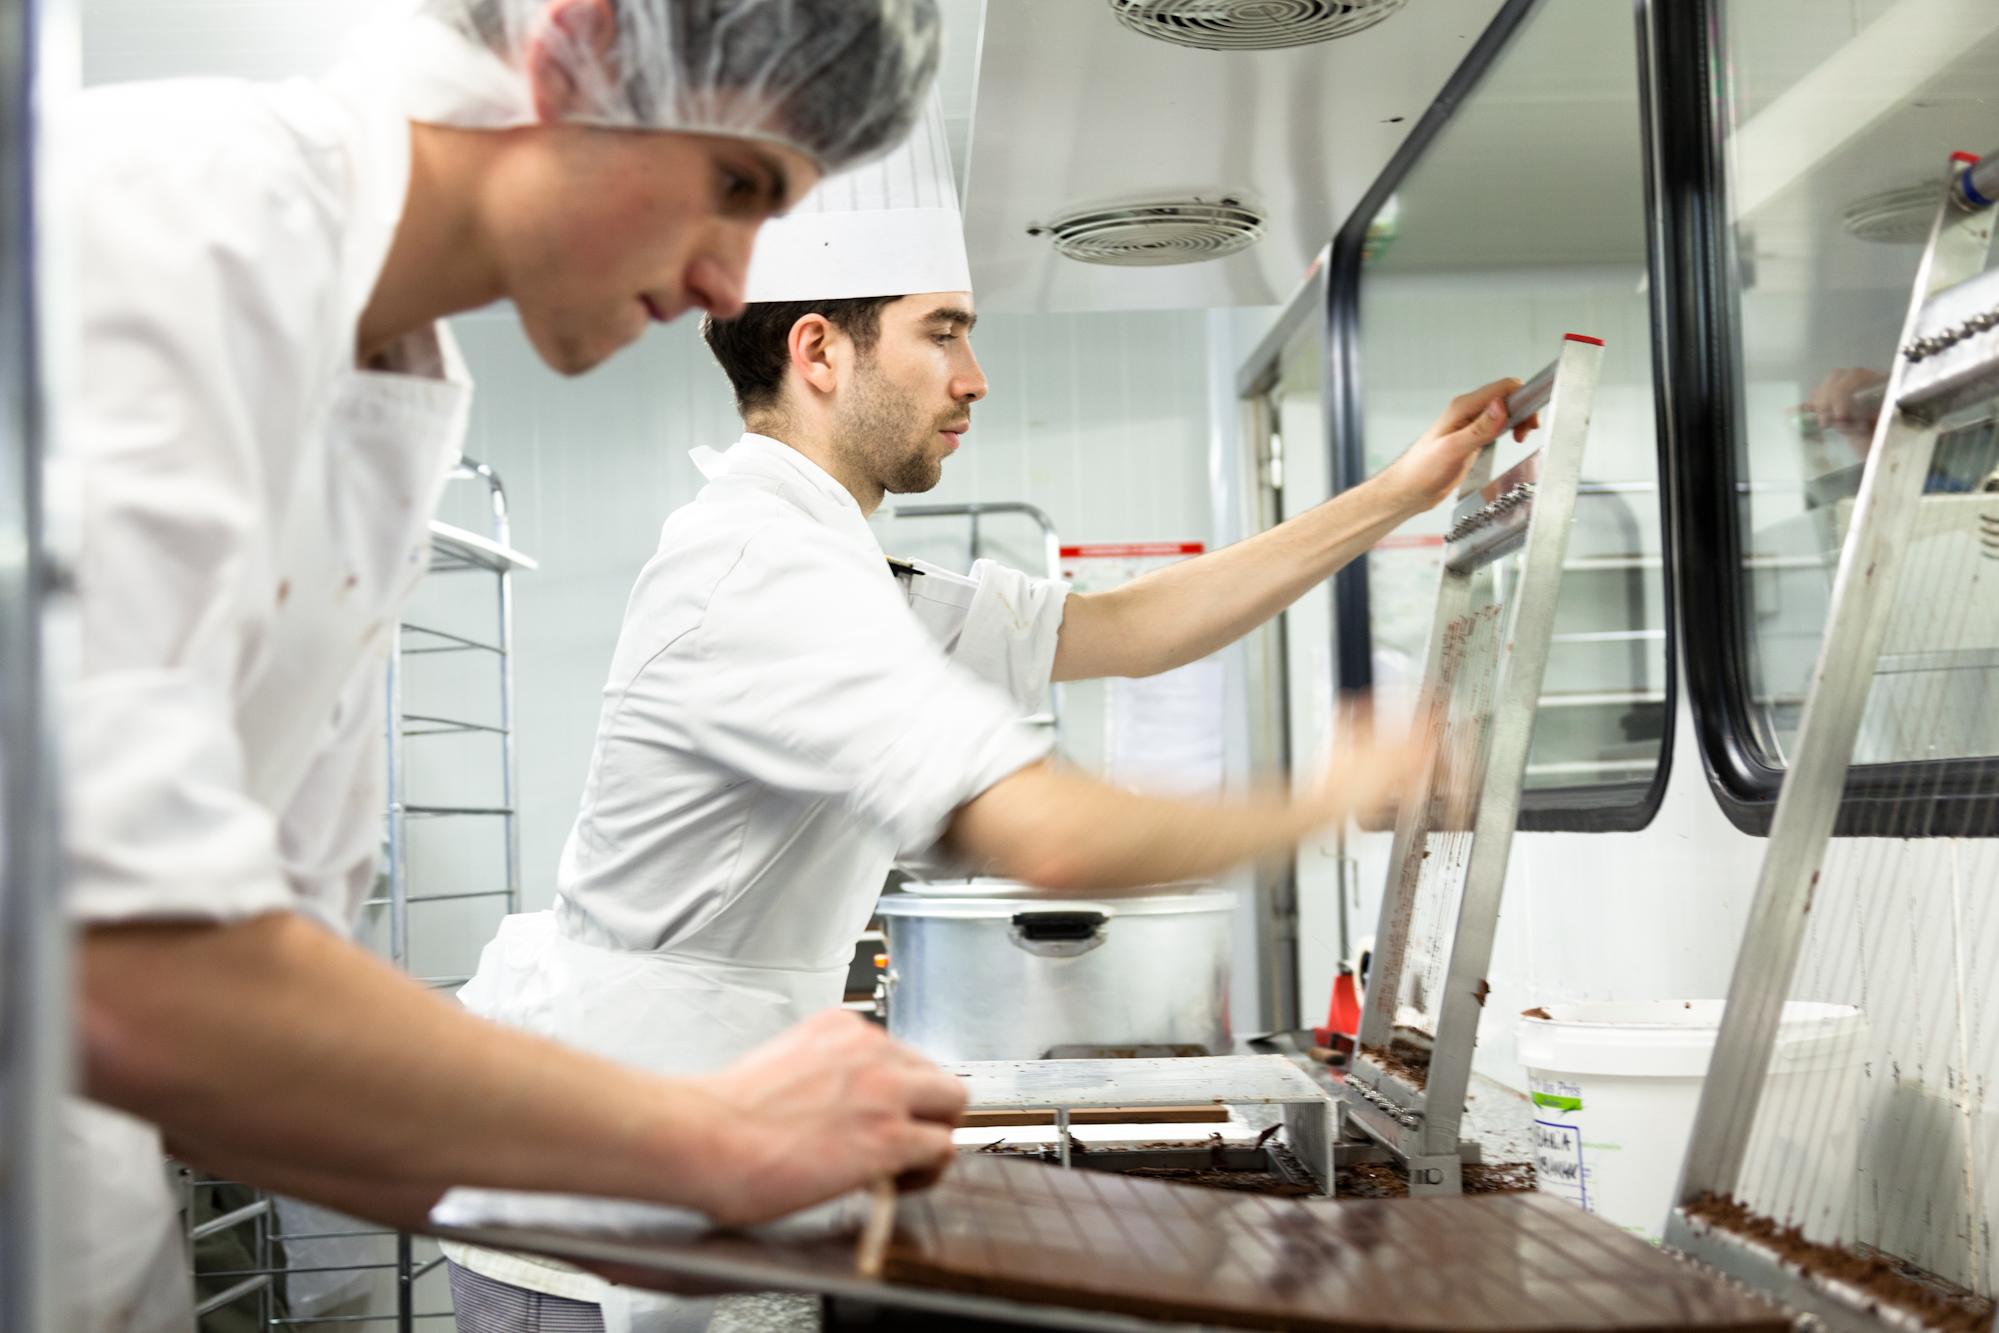 Jusqu'en 2003, la maison Jean-Paul Hévin faisait tous ses chocolats à la louche. Depuis, la production a évolué, mais chaque bonbon requiert une fabrication particulière. © T.Caron